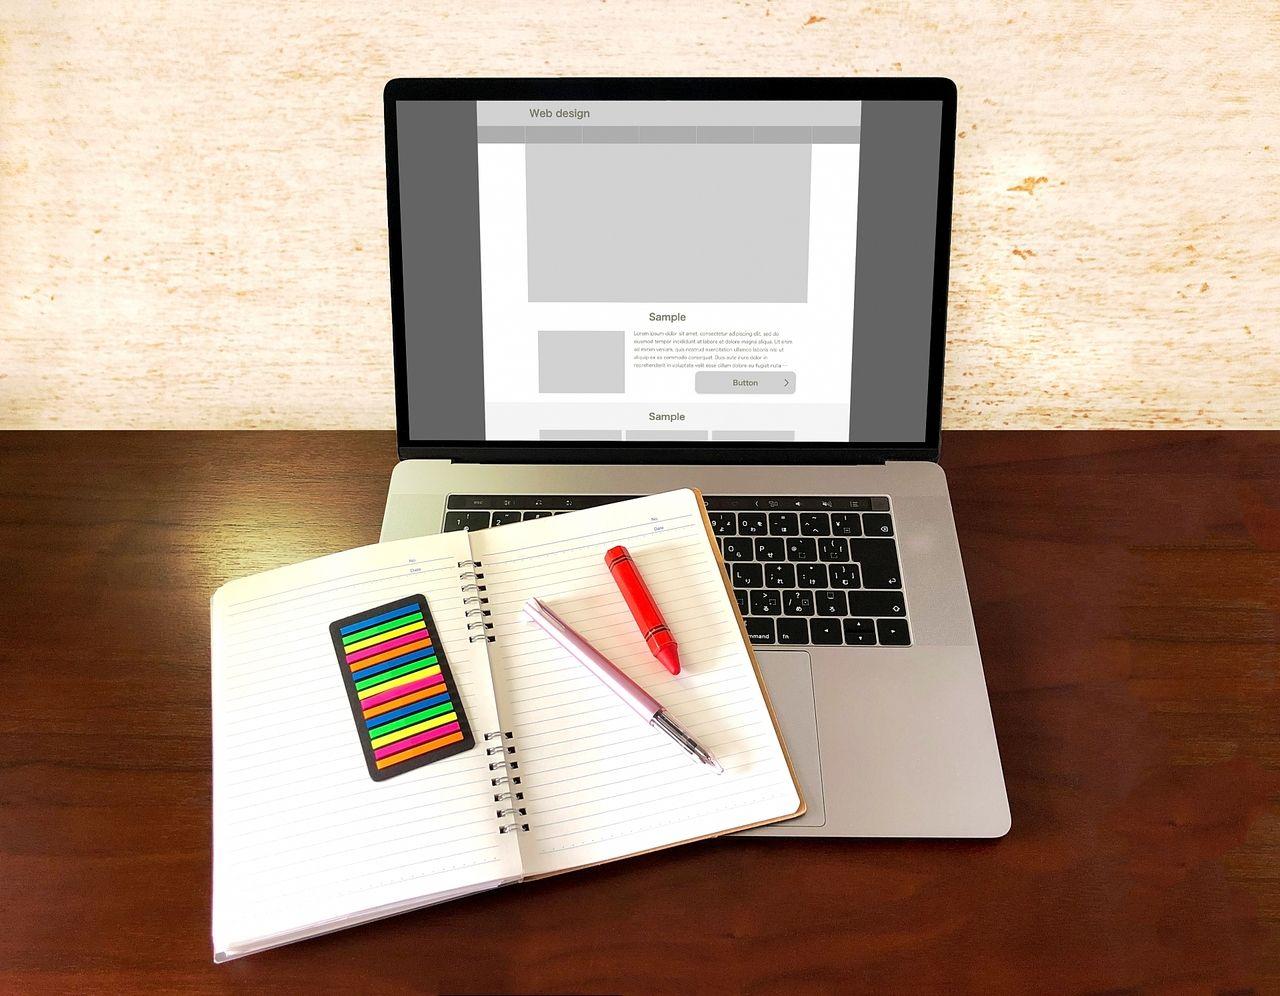 近隣同業者にホームページ集客で差をつける物件の紹介方法